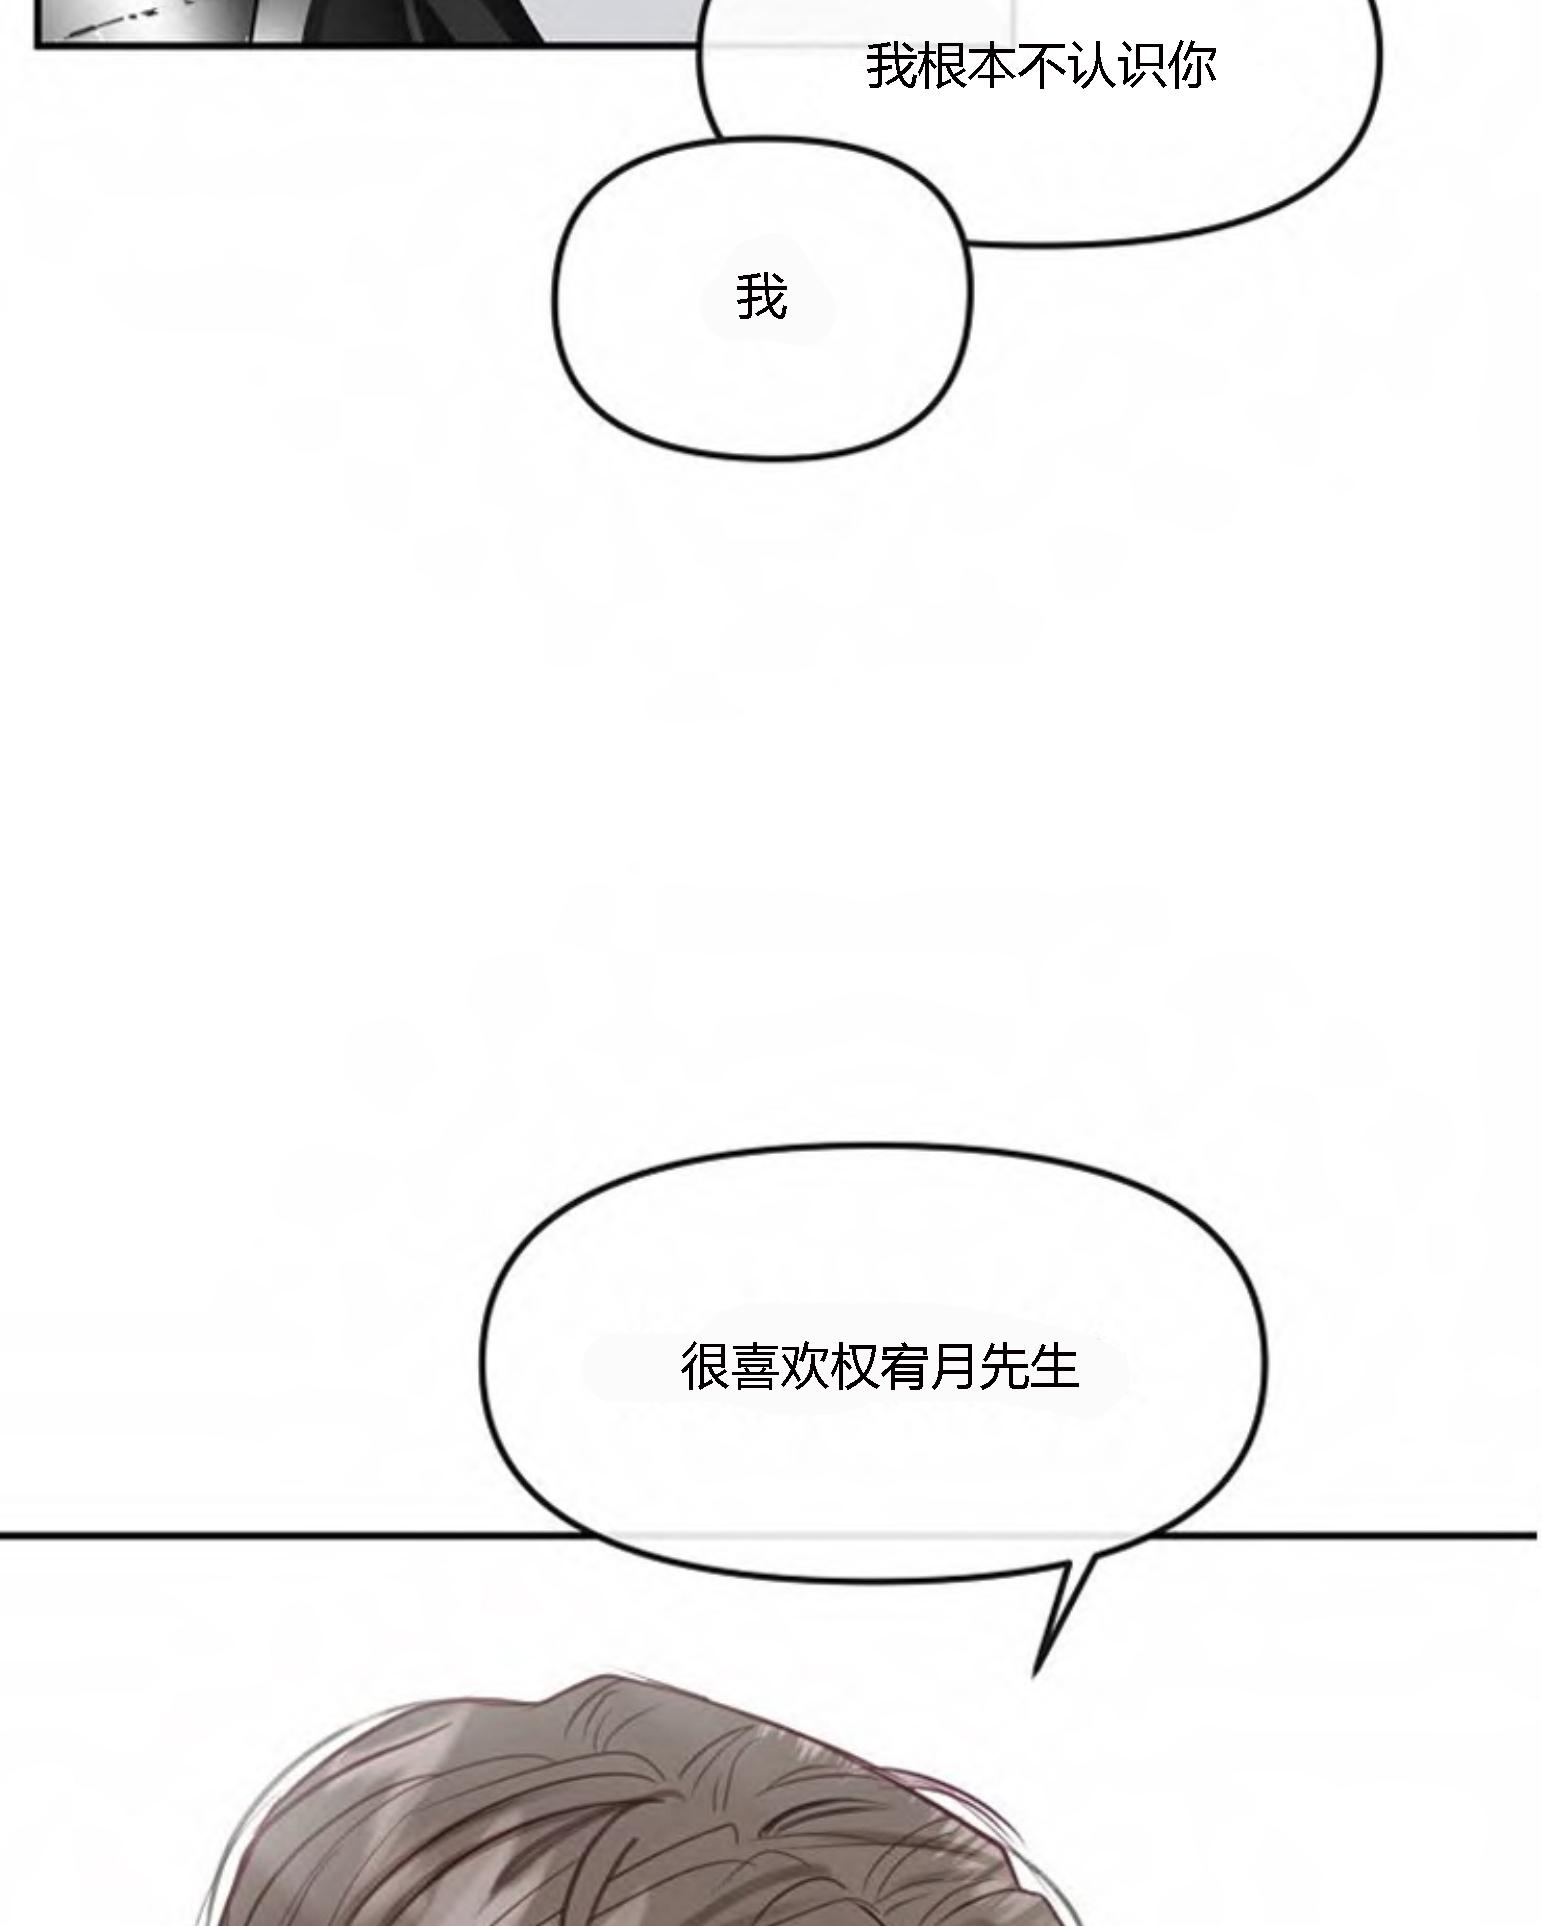 遇见奇怪的你-漫画完整版汉化_全集免费阅读-啵乐漫画